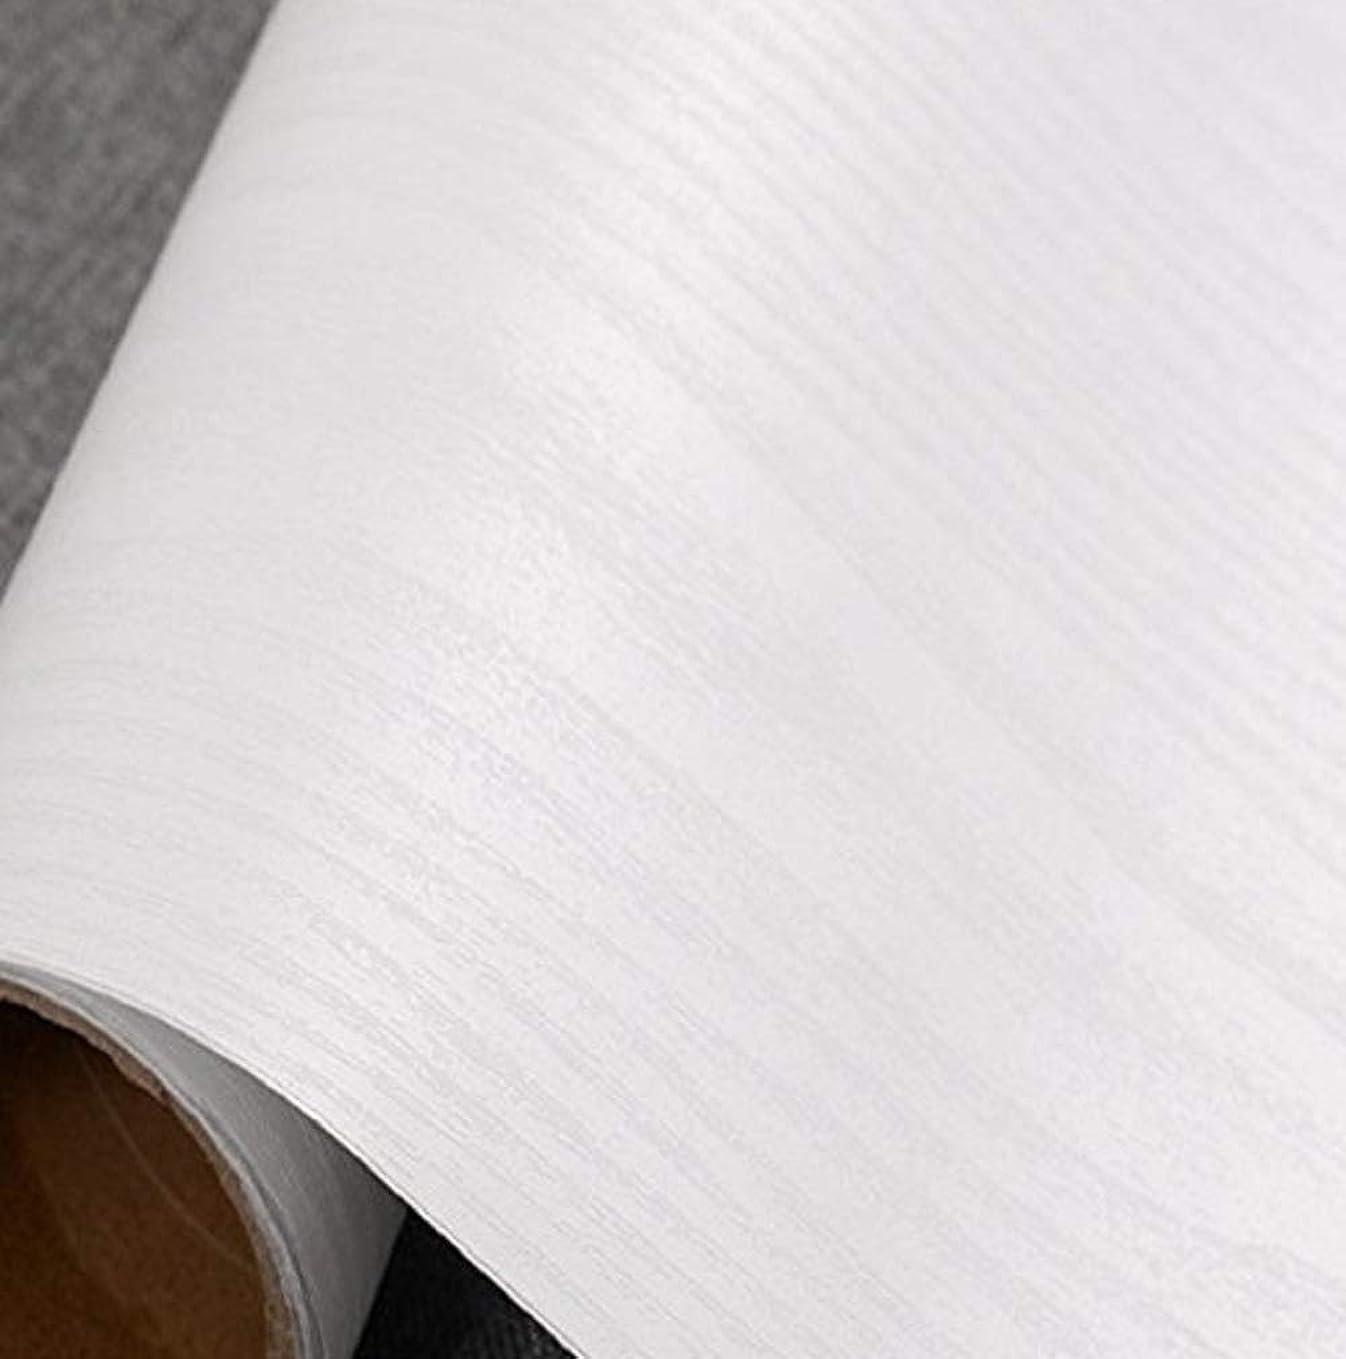 ディレクター管理するパット木目 調 壁紙シール かんたん 貼付 シール タイプ リフォーム ウォールステッカー (白)